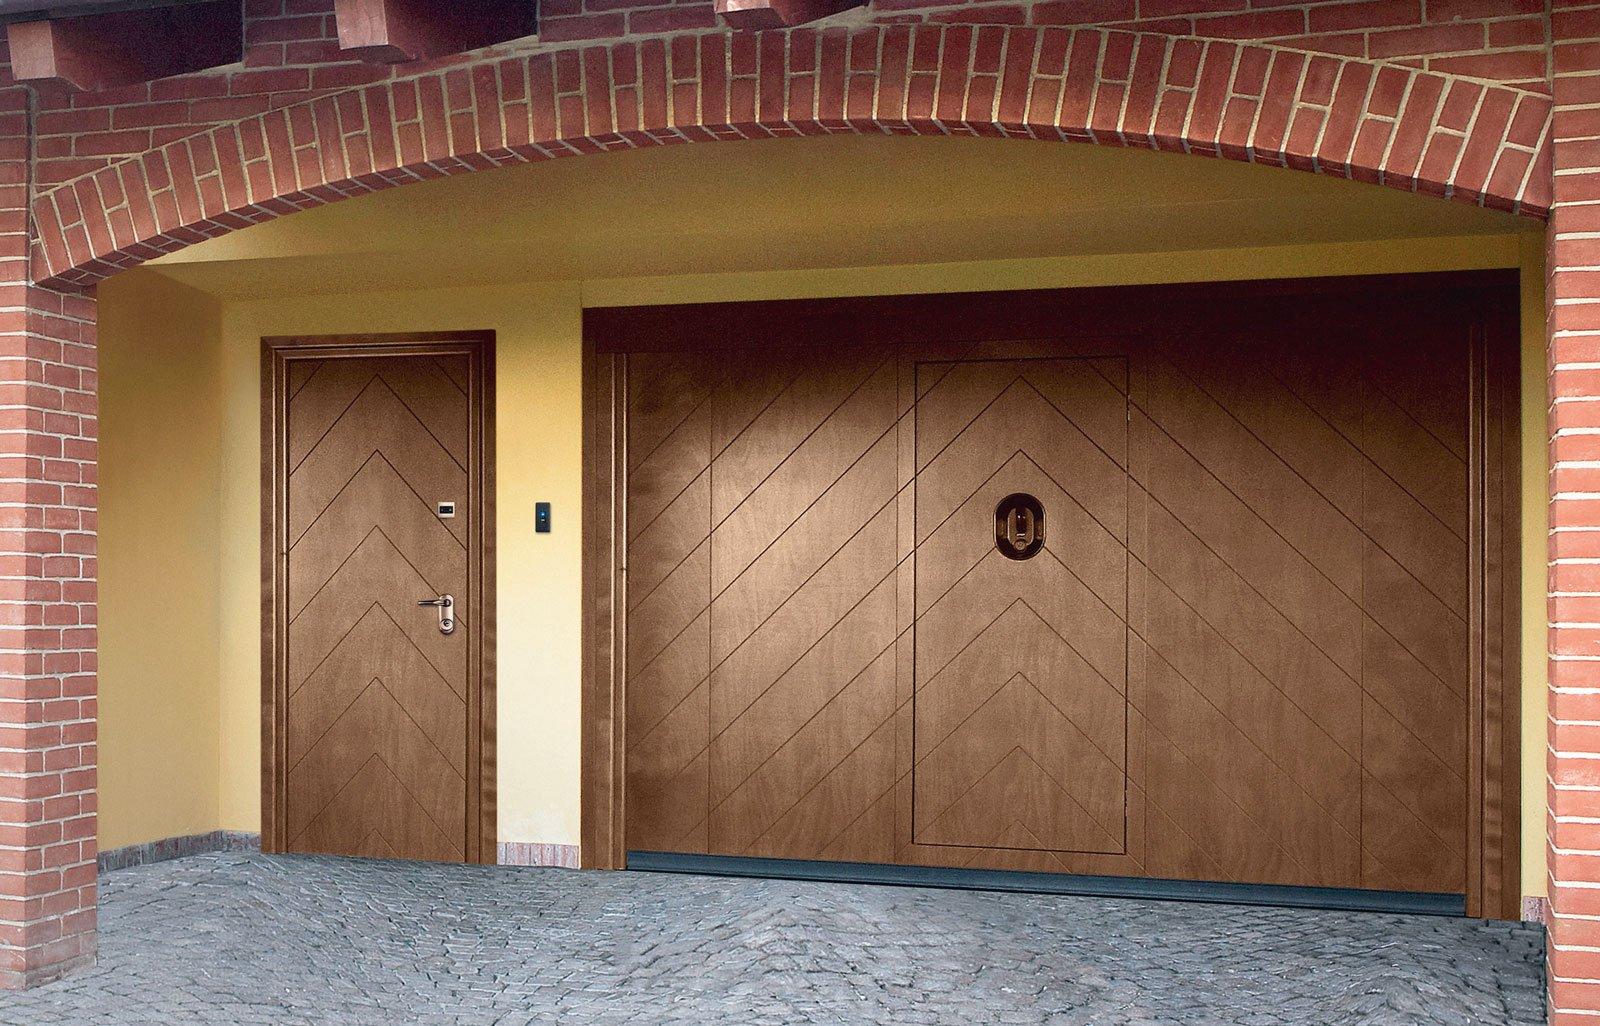 Sostituire Pannello Porta Blindata una casa anti-furto con porte blindate, finestre di